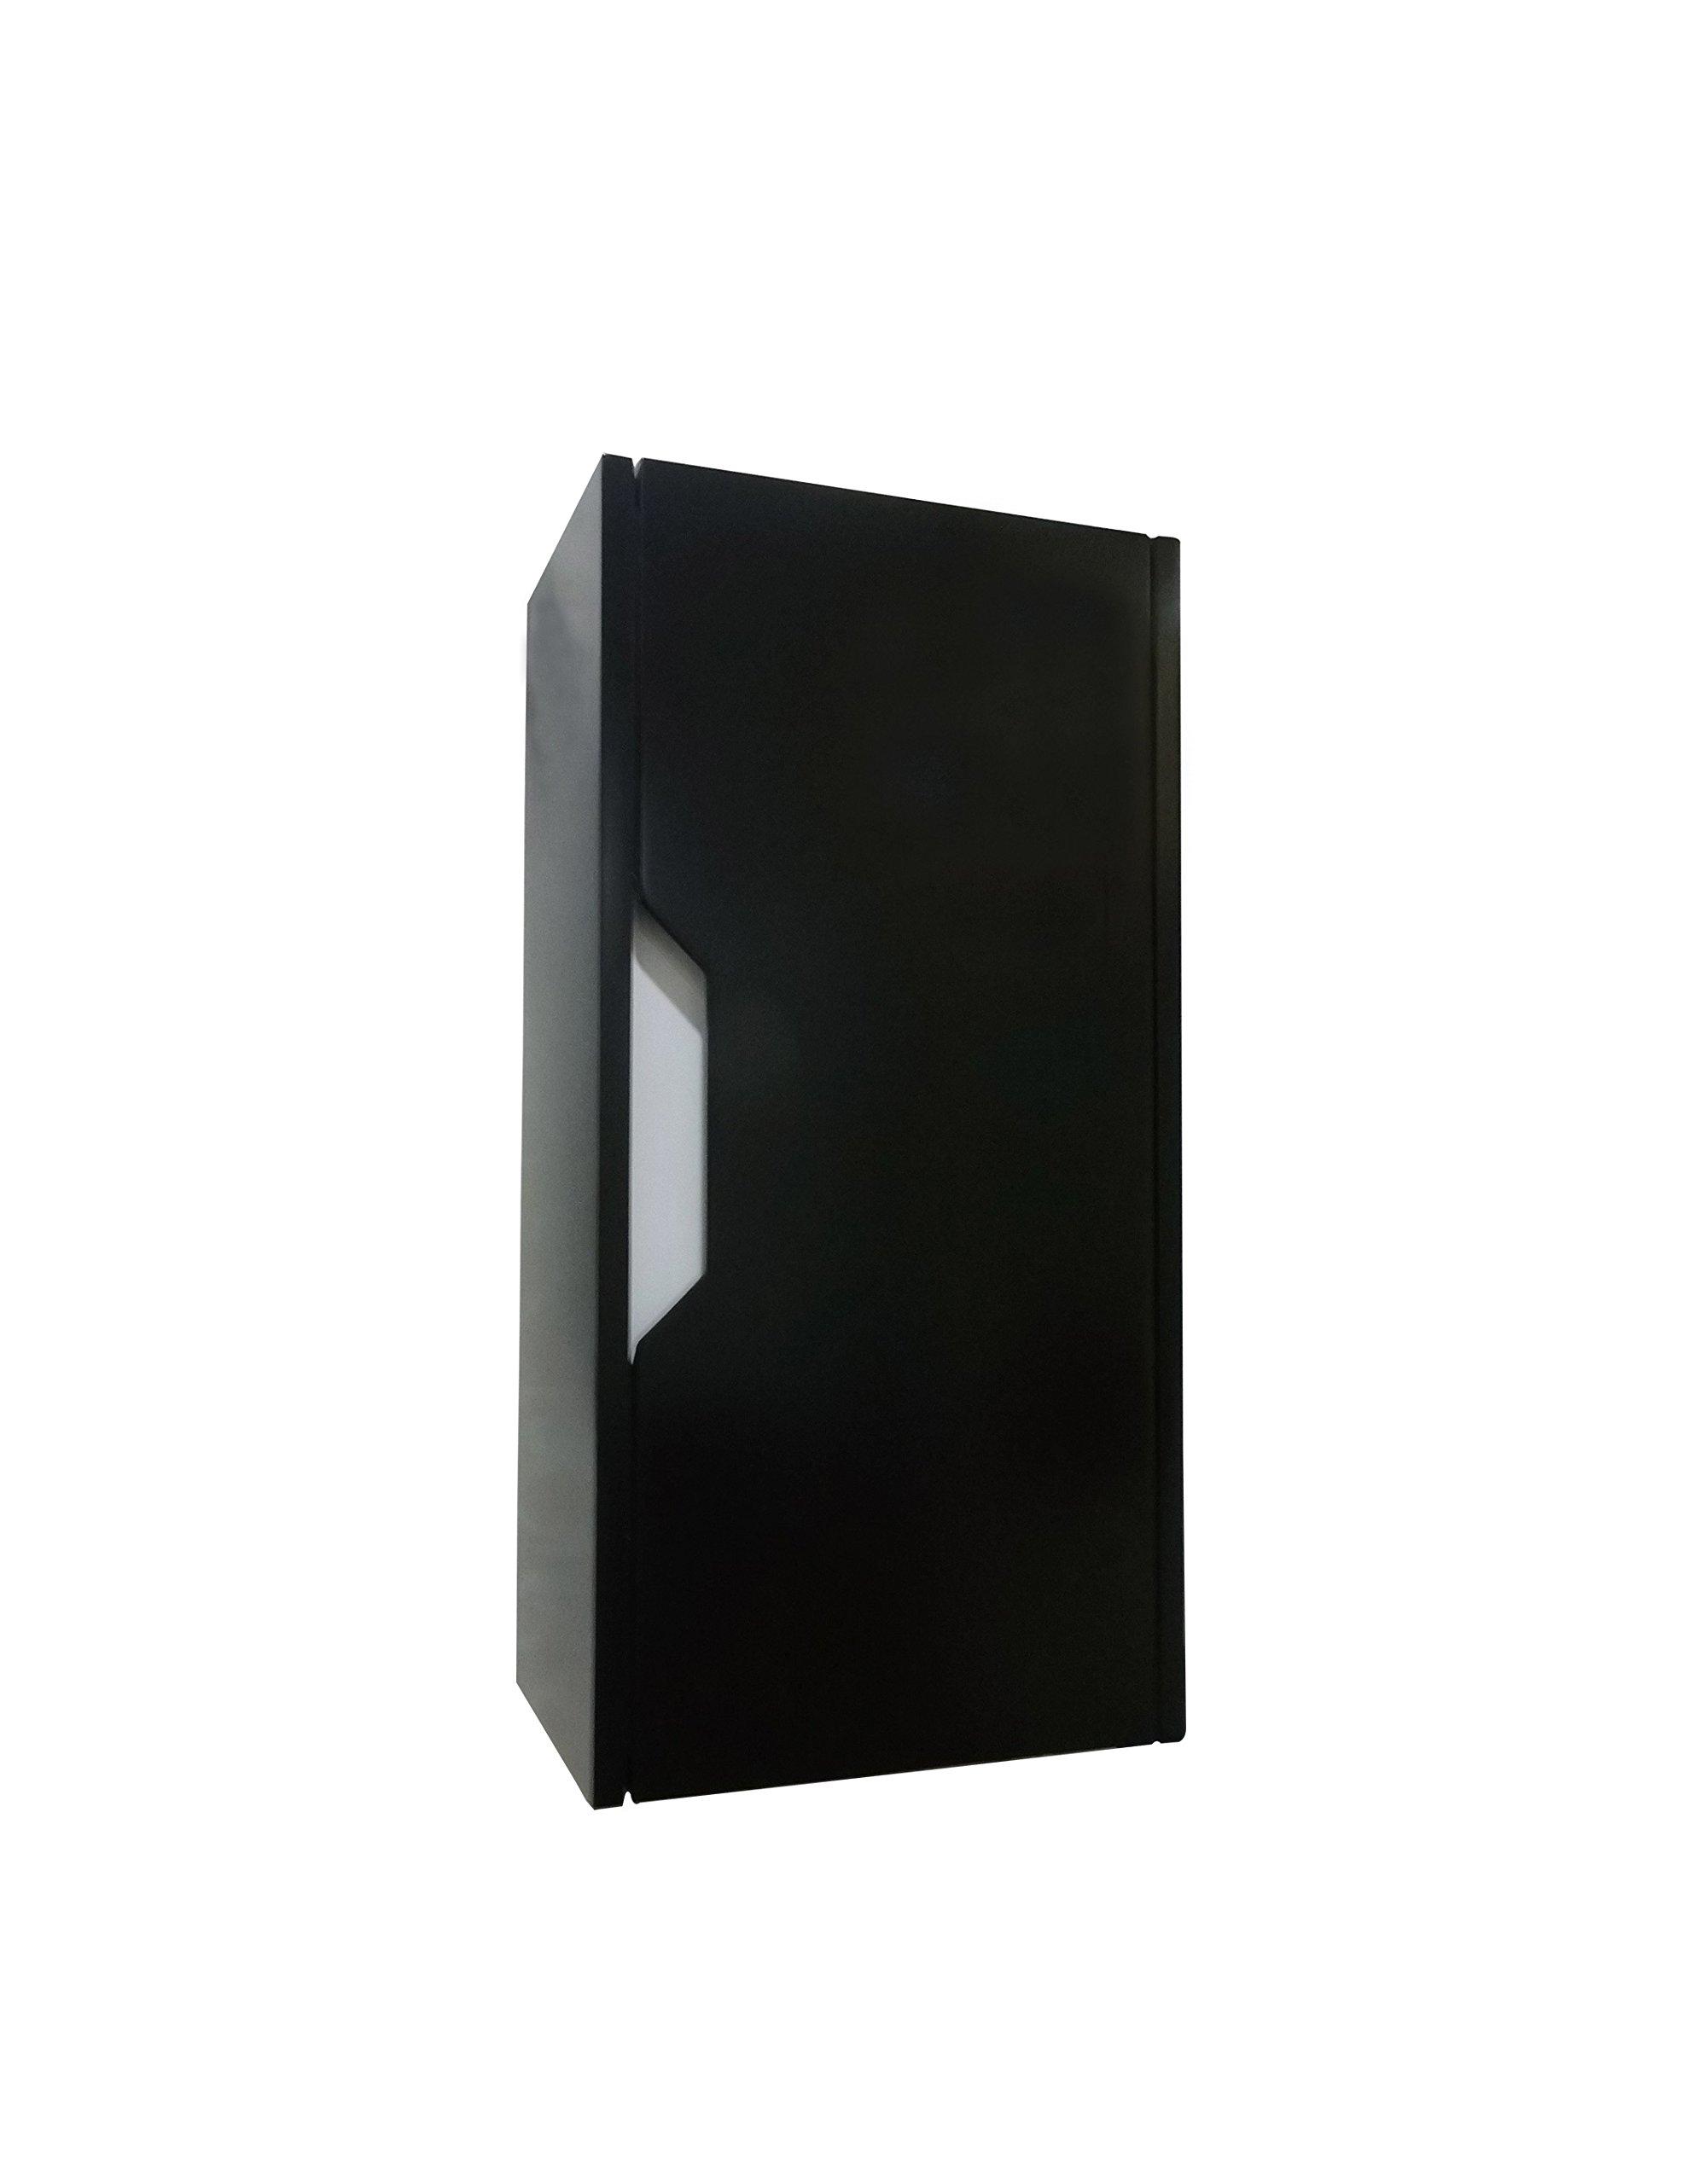 Dawn REMC110723-06 Wall Mounted MDF Side Cabinet with Shelf Inside, Matt Black Finish by Dawn